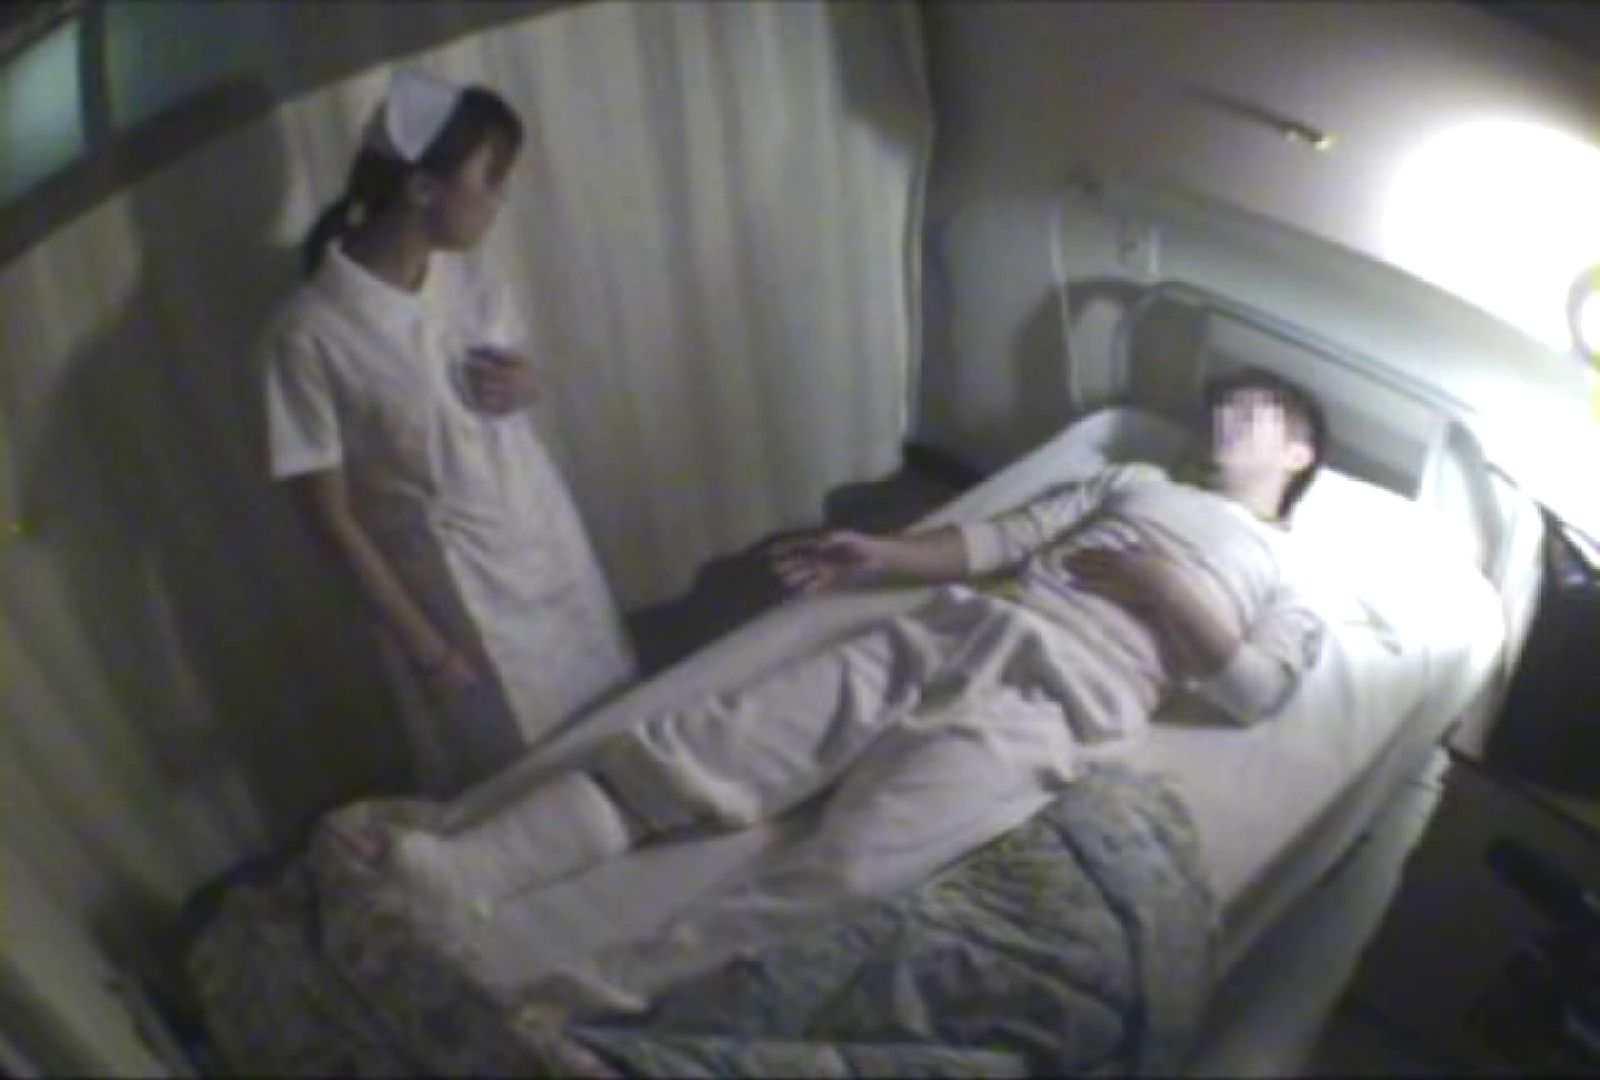 絶対に逝ってはいけない寸止め病棟Vol.8 美しいOLの裸体 | 0  83pic 19